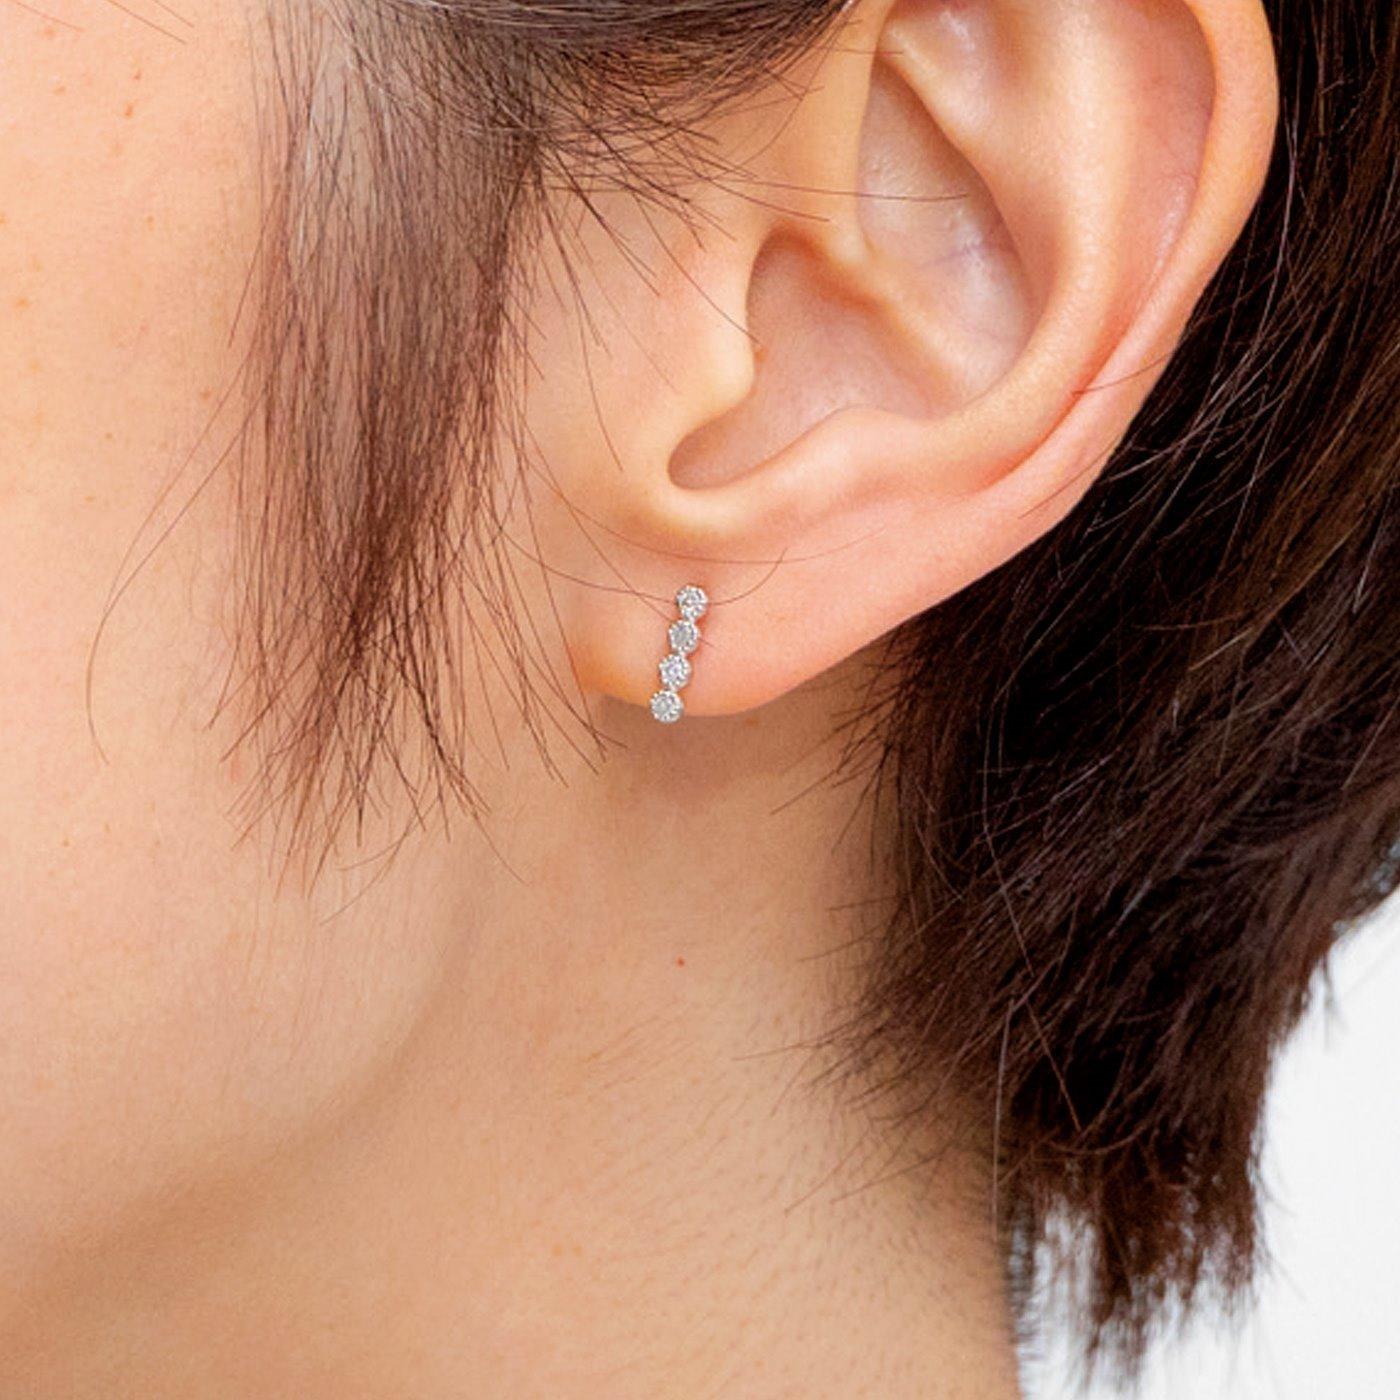 7粒の並ぶダイヤモンドがしあわせ運ぶイヤアクセサリー〈プラチナコーティング〉